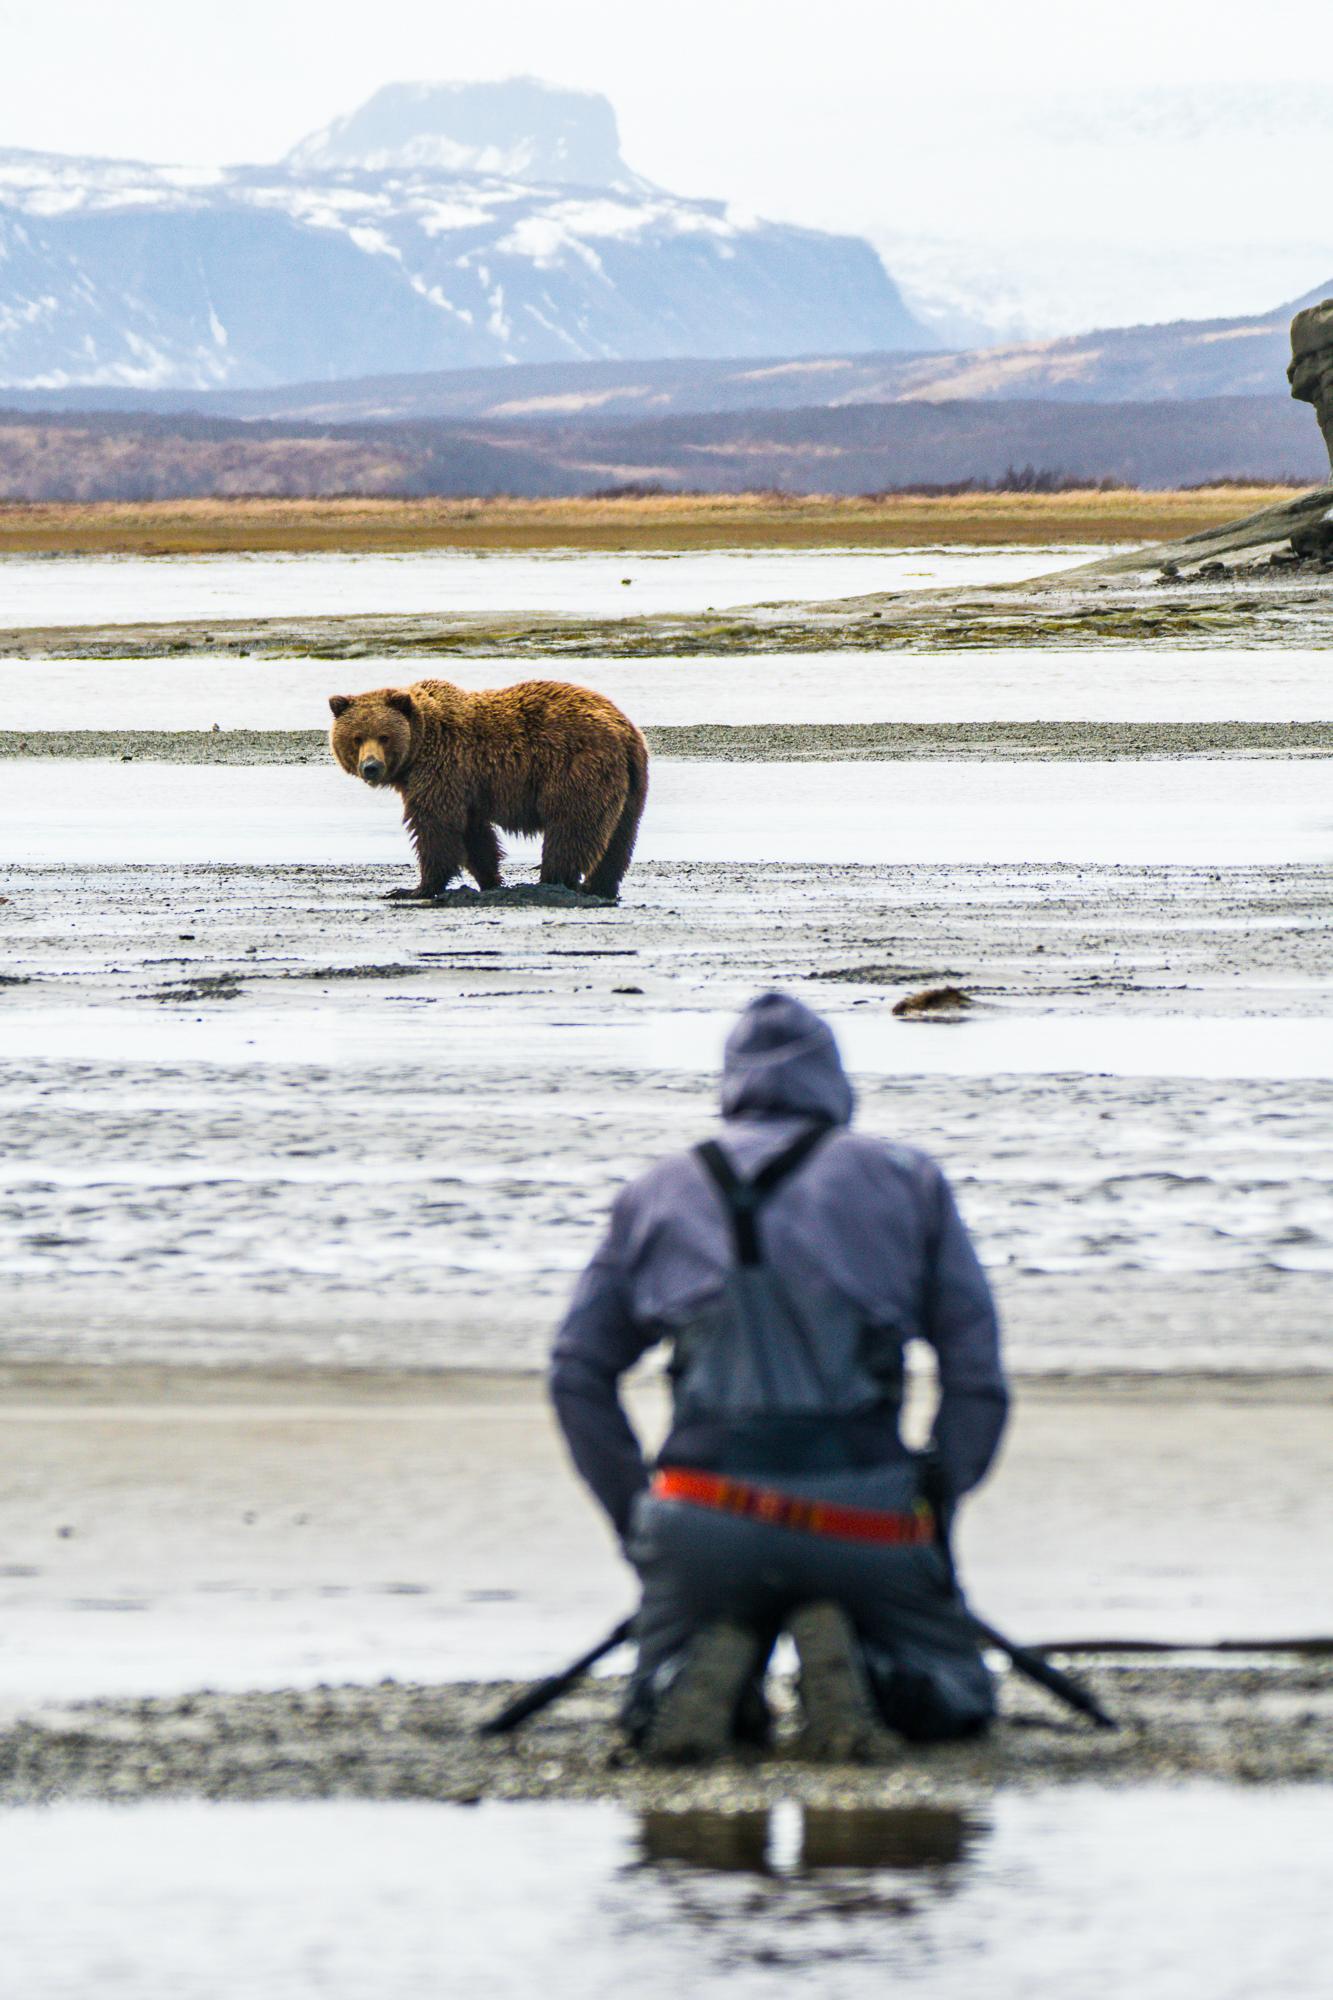 Bear Clamming